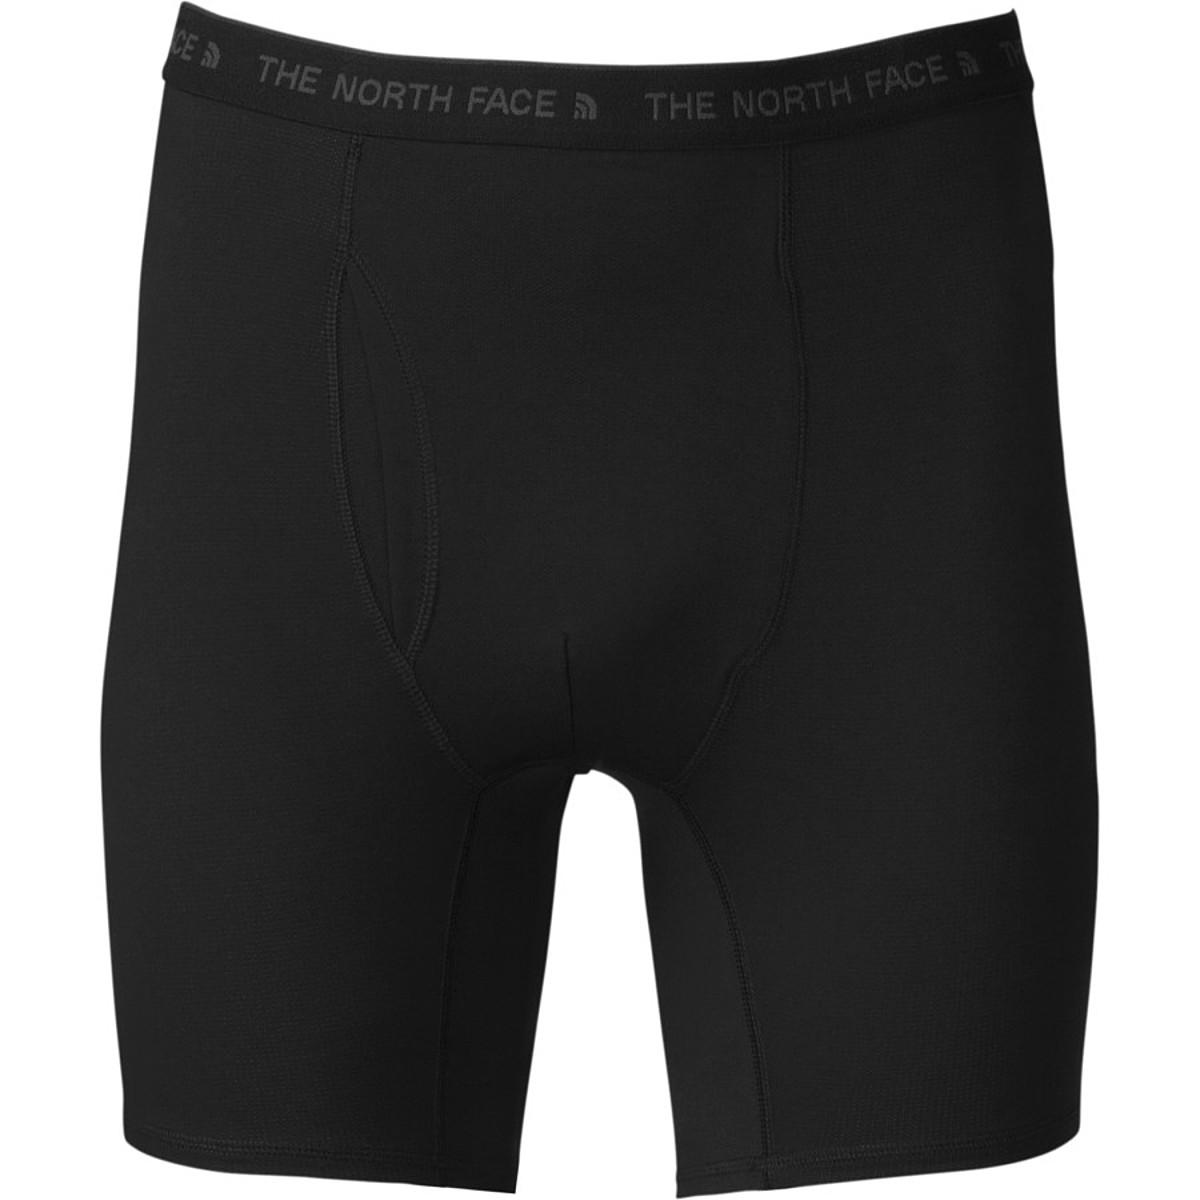 photo: The North Face Light Boxer Brief boxers, briefs, bikini